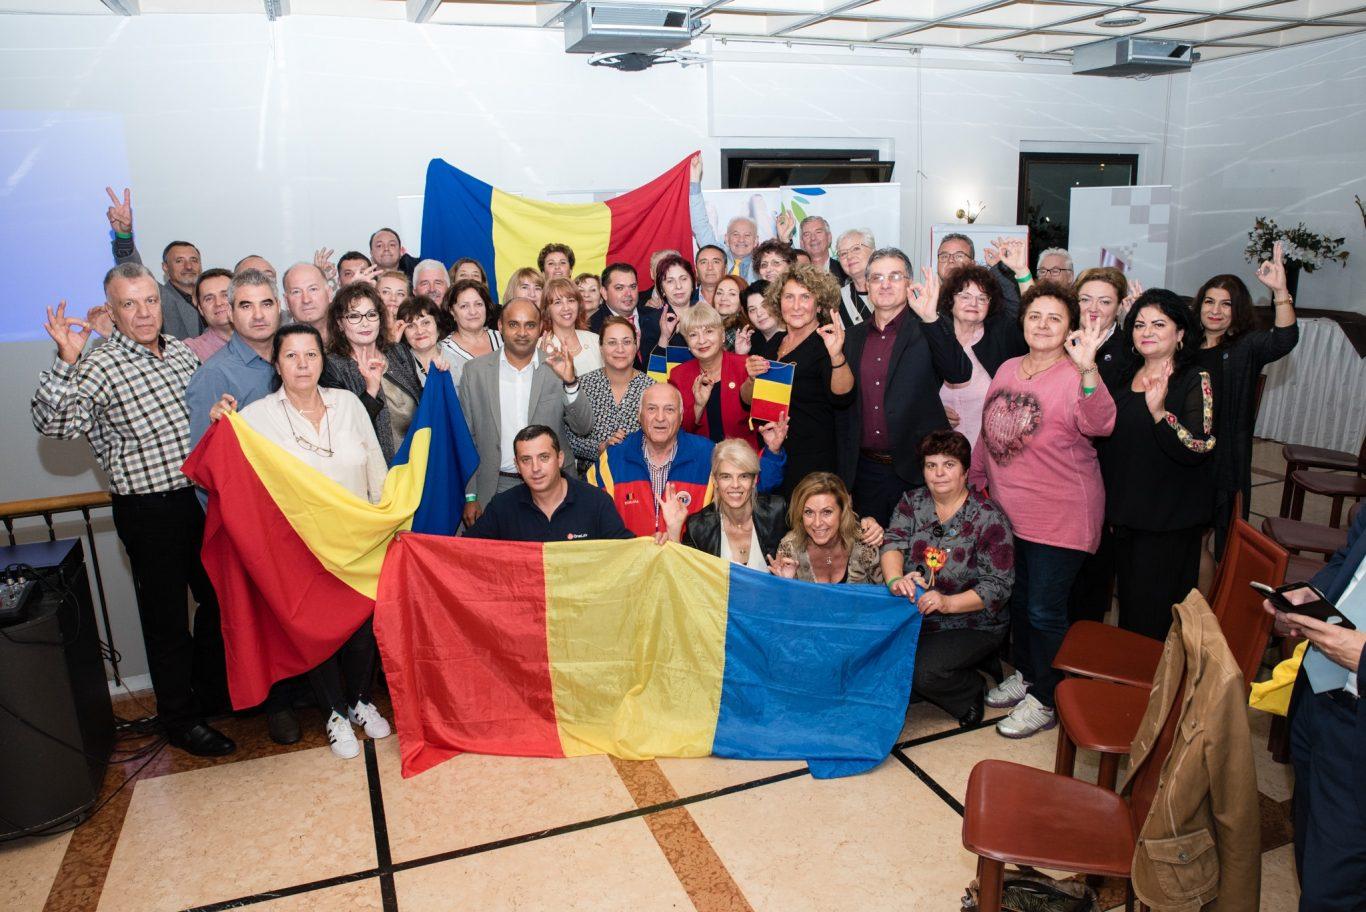 România, locul 5 în lume în topul OneLife Network 72924673 2658125564237069 1180326947893280768 o